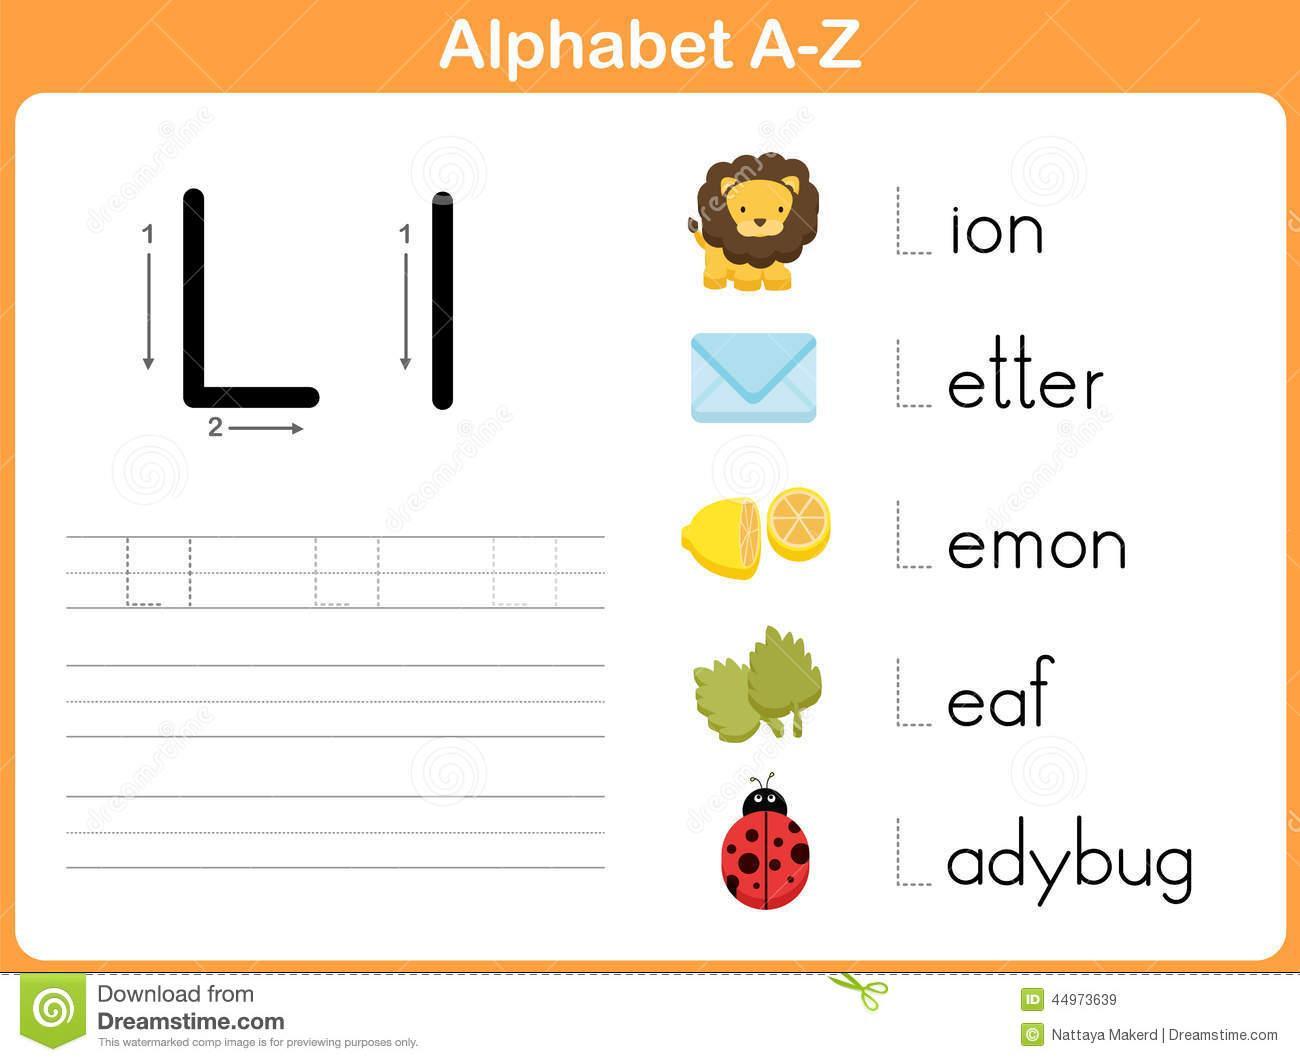 Preschool Korean Worksheets For Beginners 4